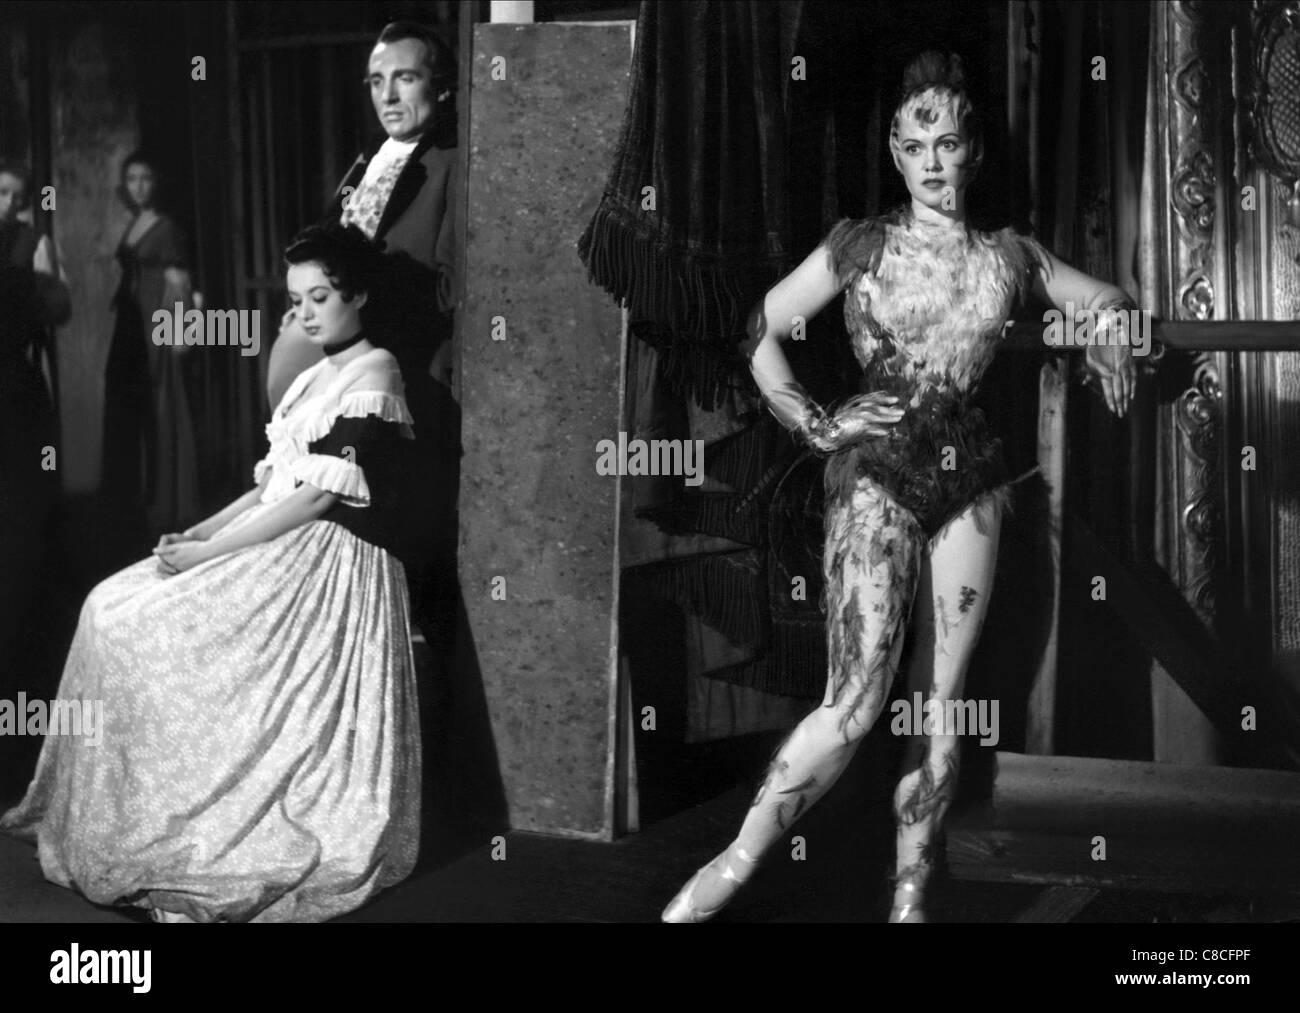 ANGELIKA HAUFF MOZART (1955) - Stock Image